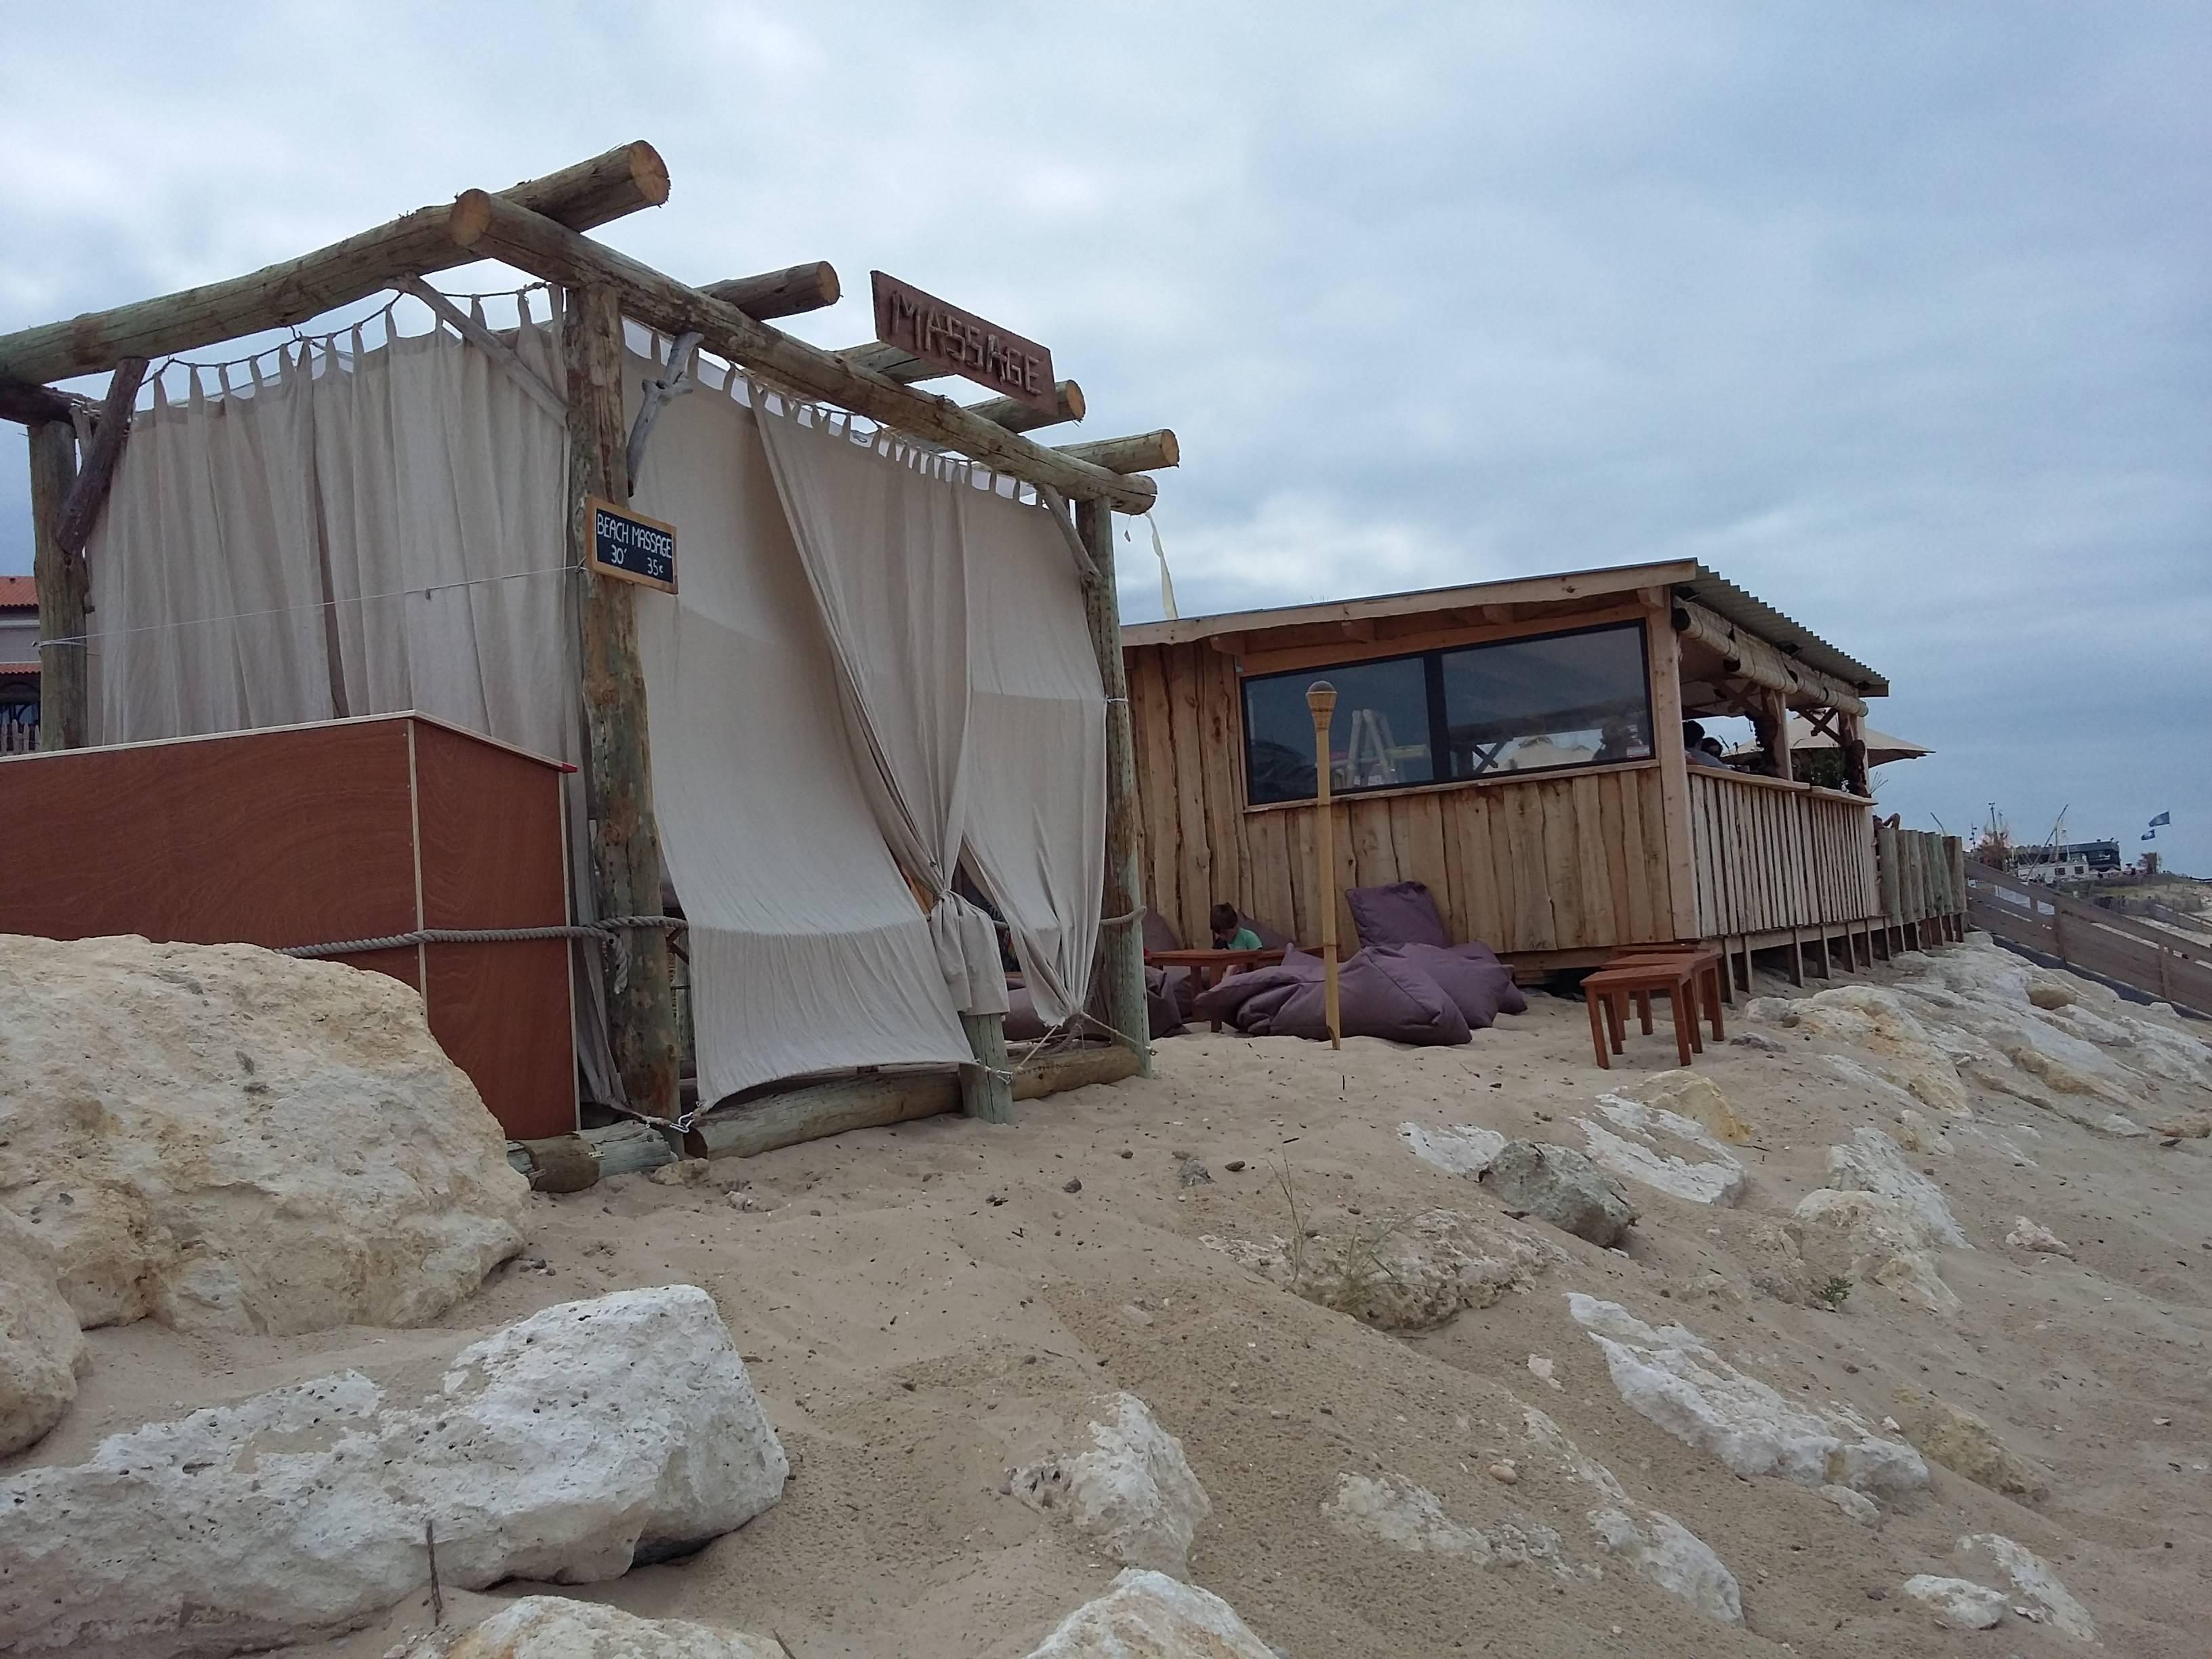 Photo 3: Massage face à l'océan à Lacanau